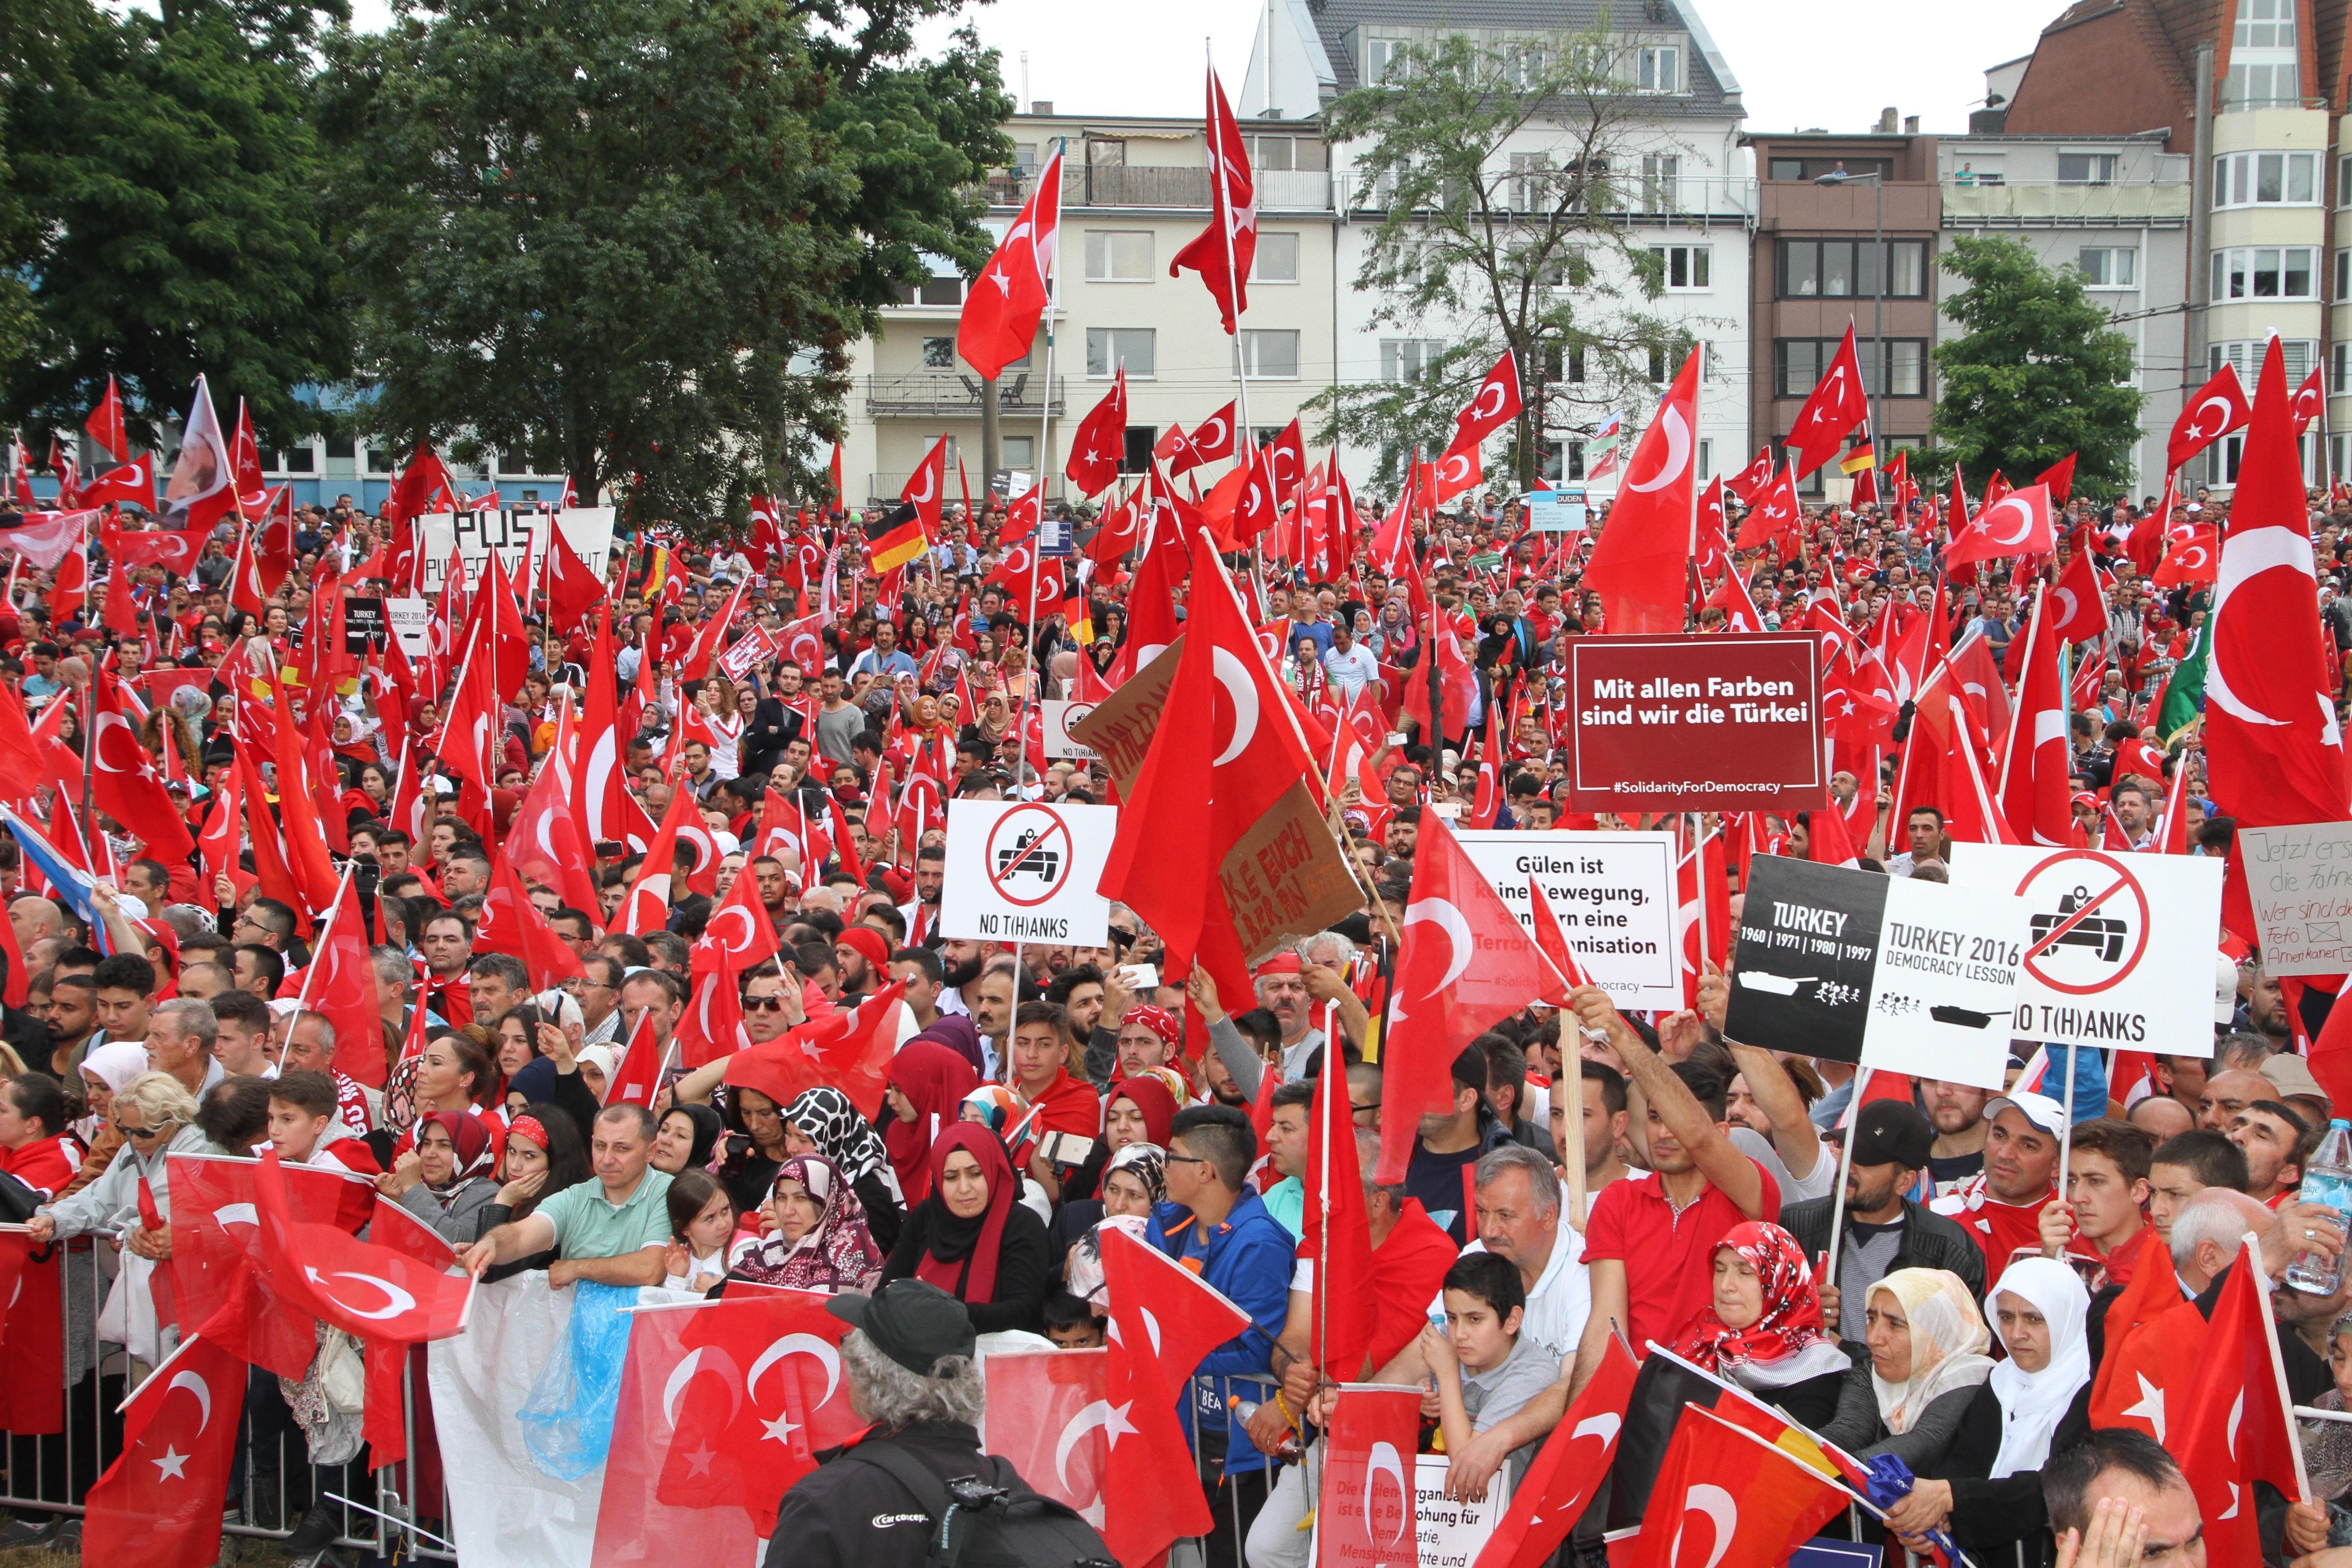 Több tízezren vonultak utcára Kölnben, hogy kiálljanak Erdogan mellett